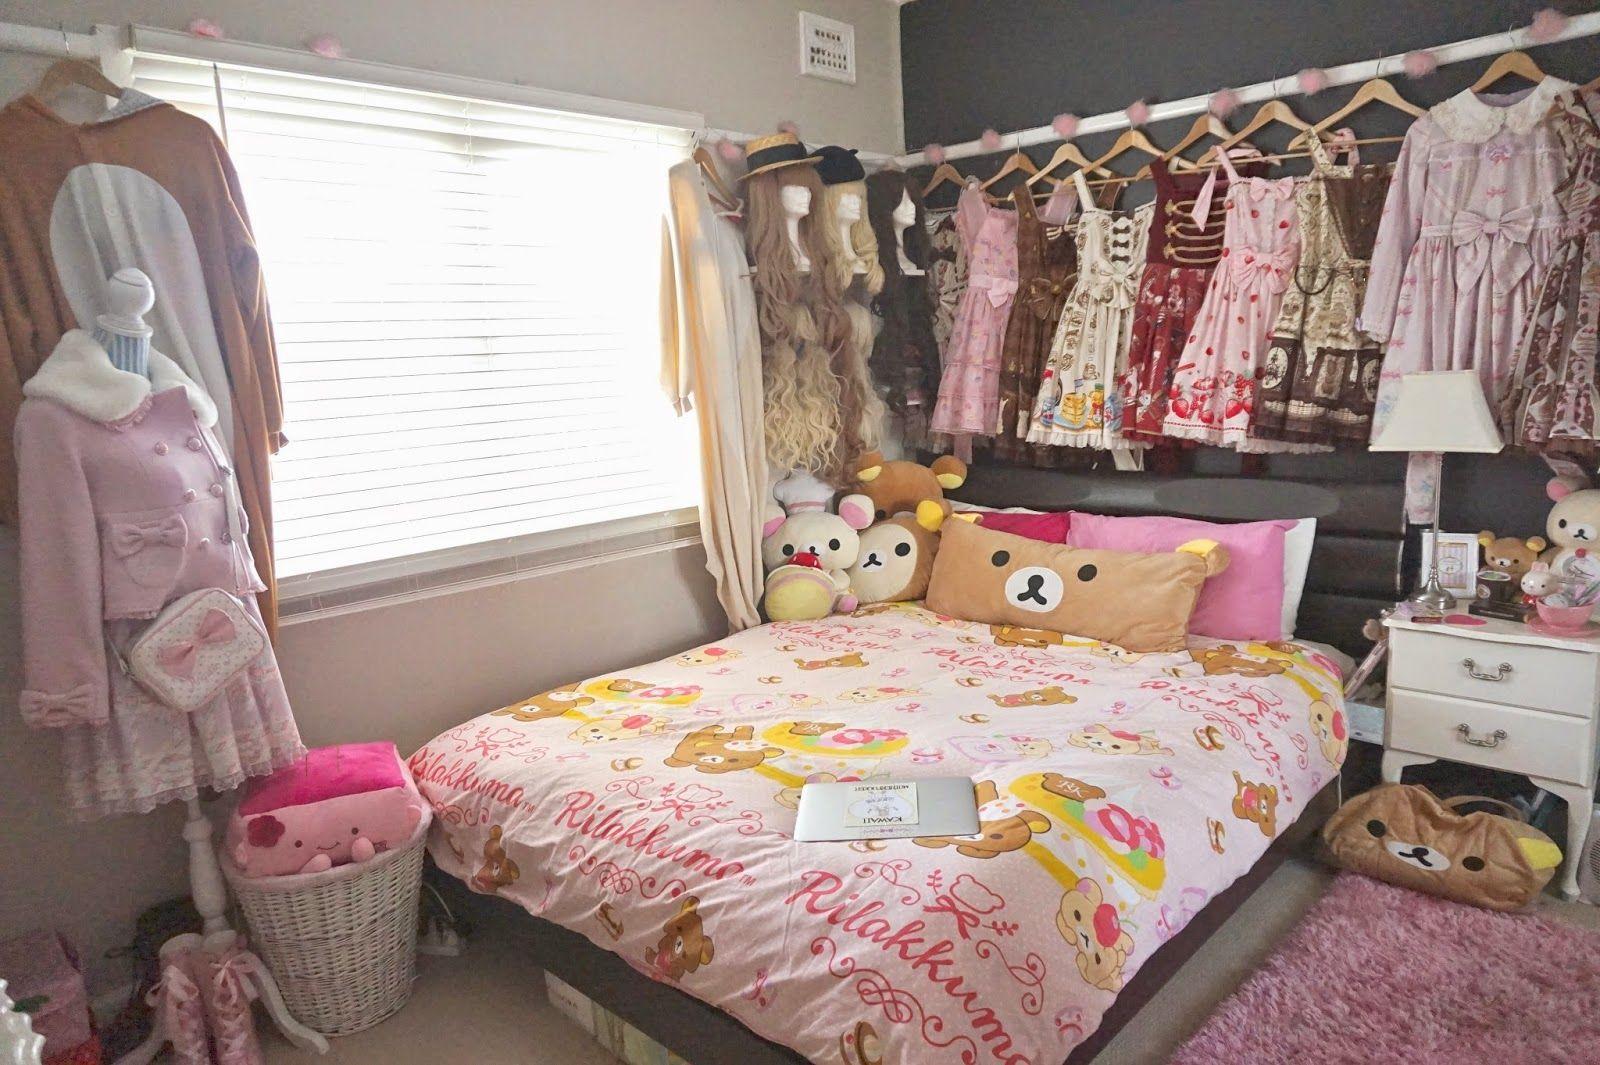 THE BED SHEETS I NEED IT. THE BED SHEETS I NEED IT   Kawaii Rooms   Pinterest   Kawaii  Room